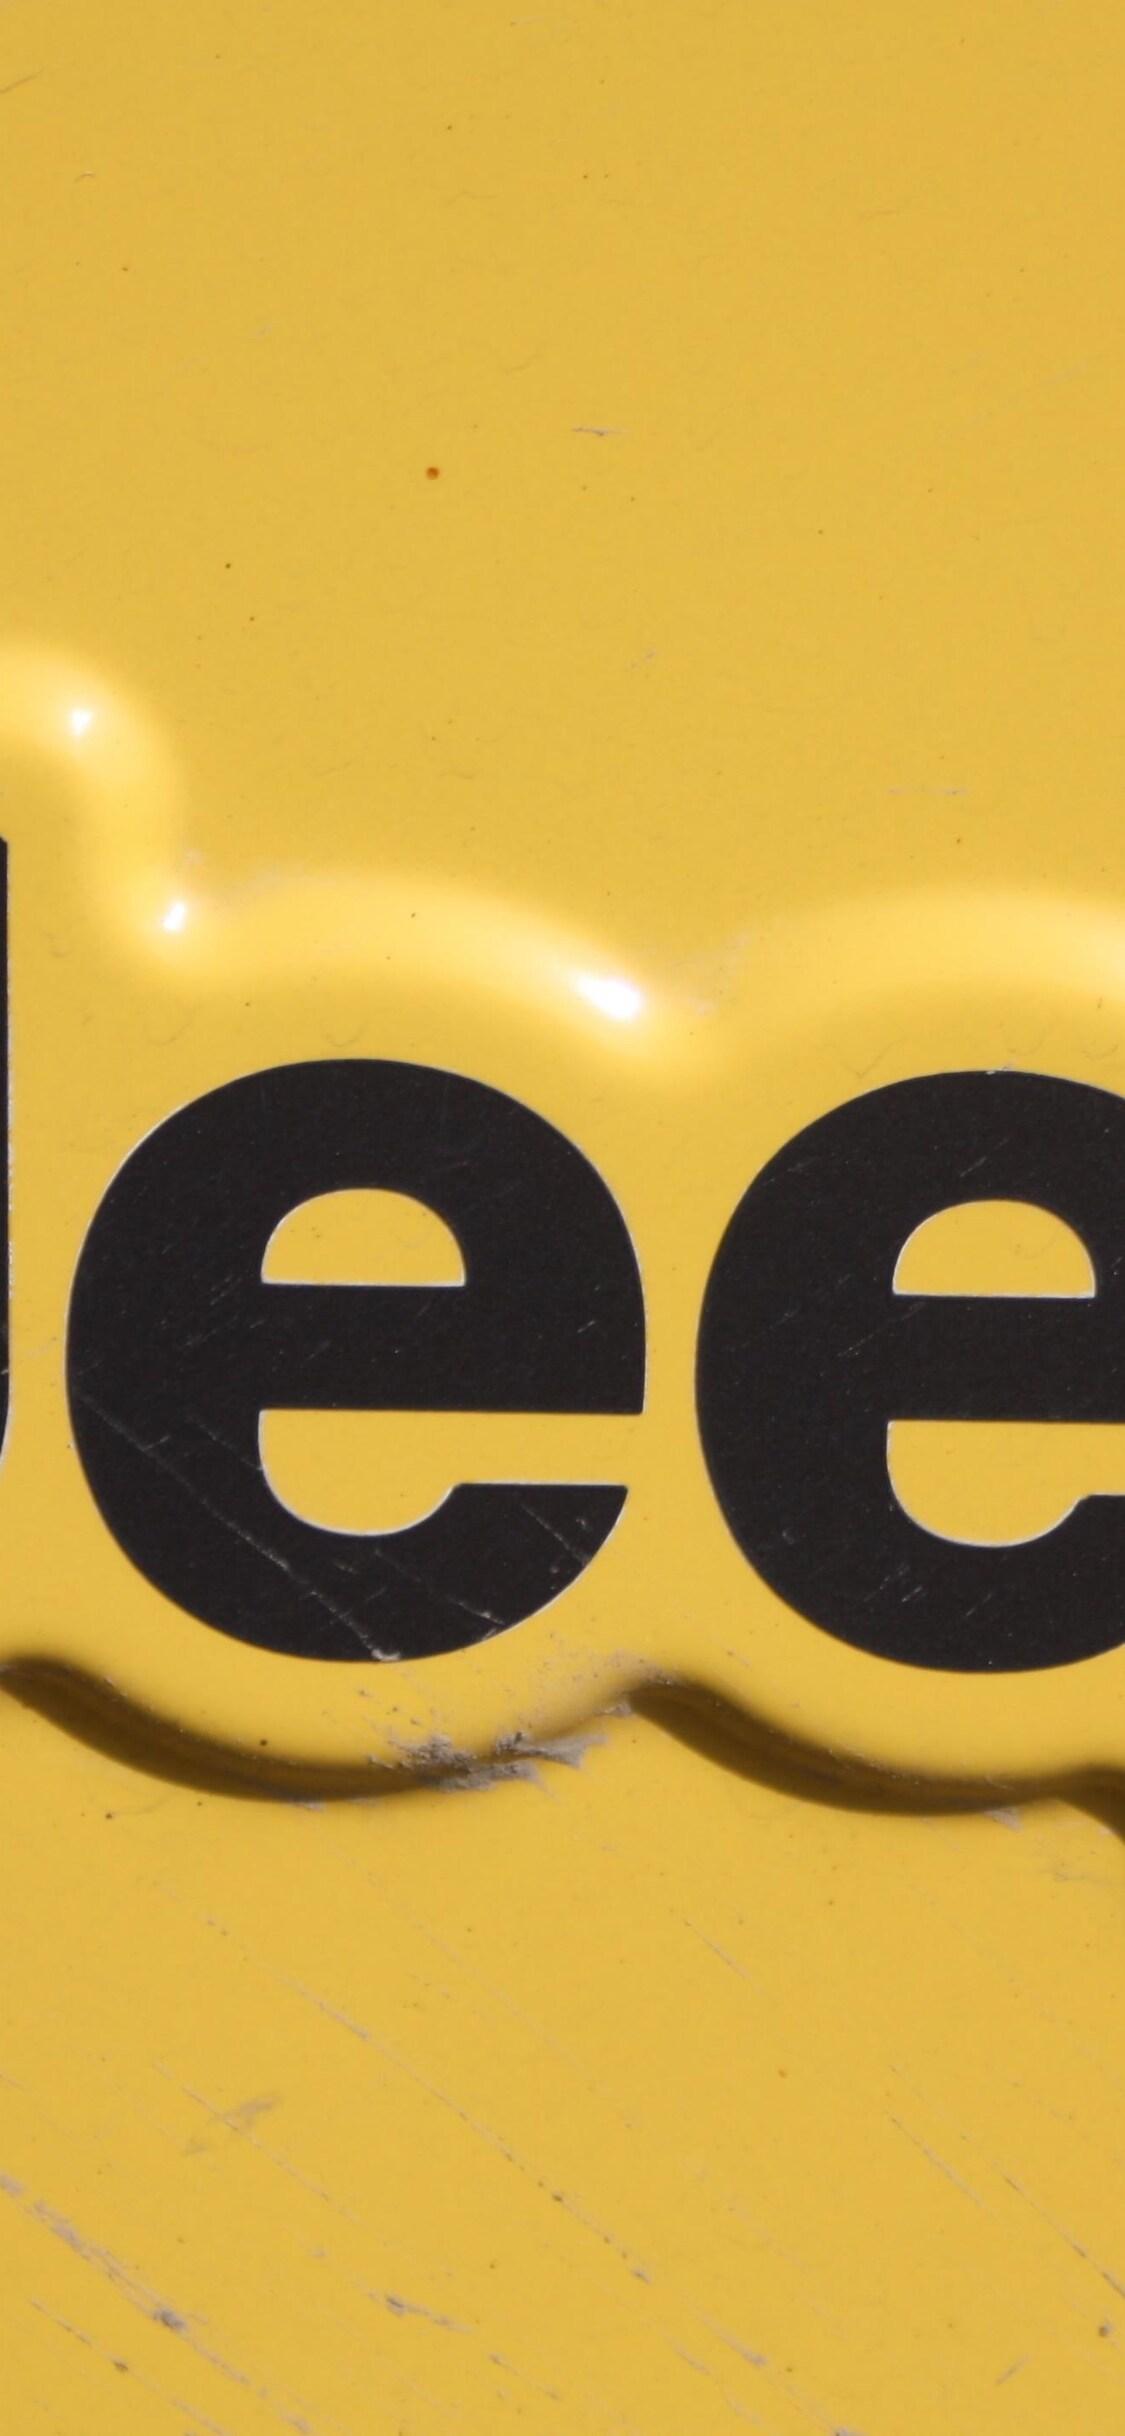 1125x2436 Jeep Logo Iphone Xs Iphone 10 Iphone X Hd 4k